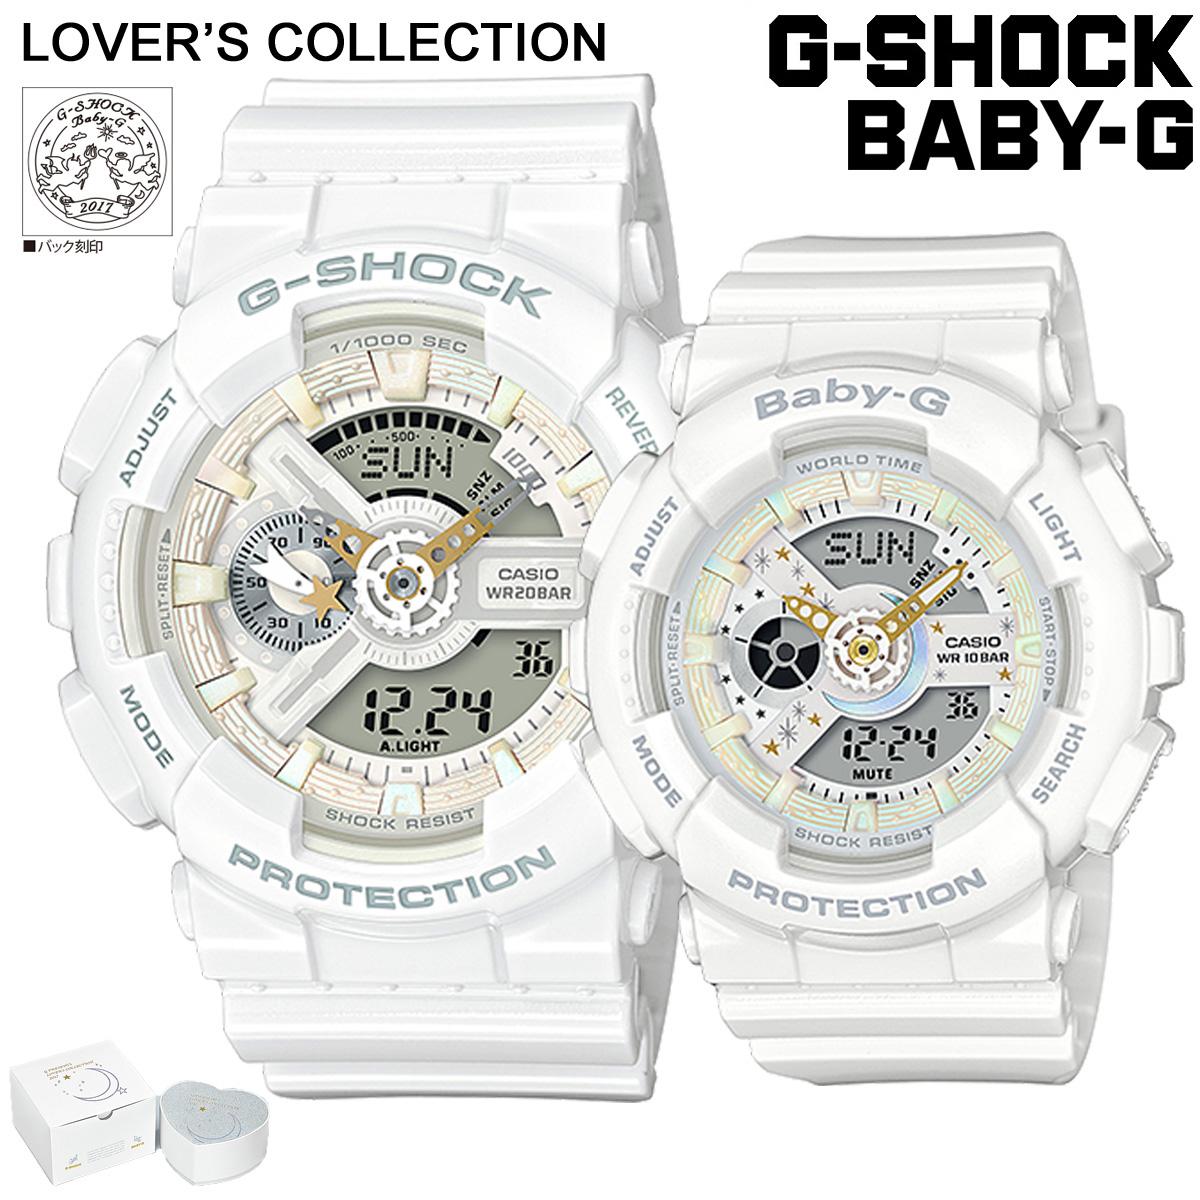 CASIO カシオ G-SHOCK 腕時計 LOV 17A 7AJR ホワイト ジーショック G-ショック Gショック ラバーズコレクション ペア メンズ レディース